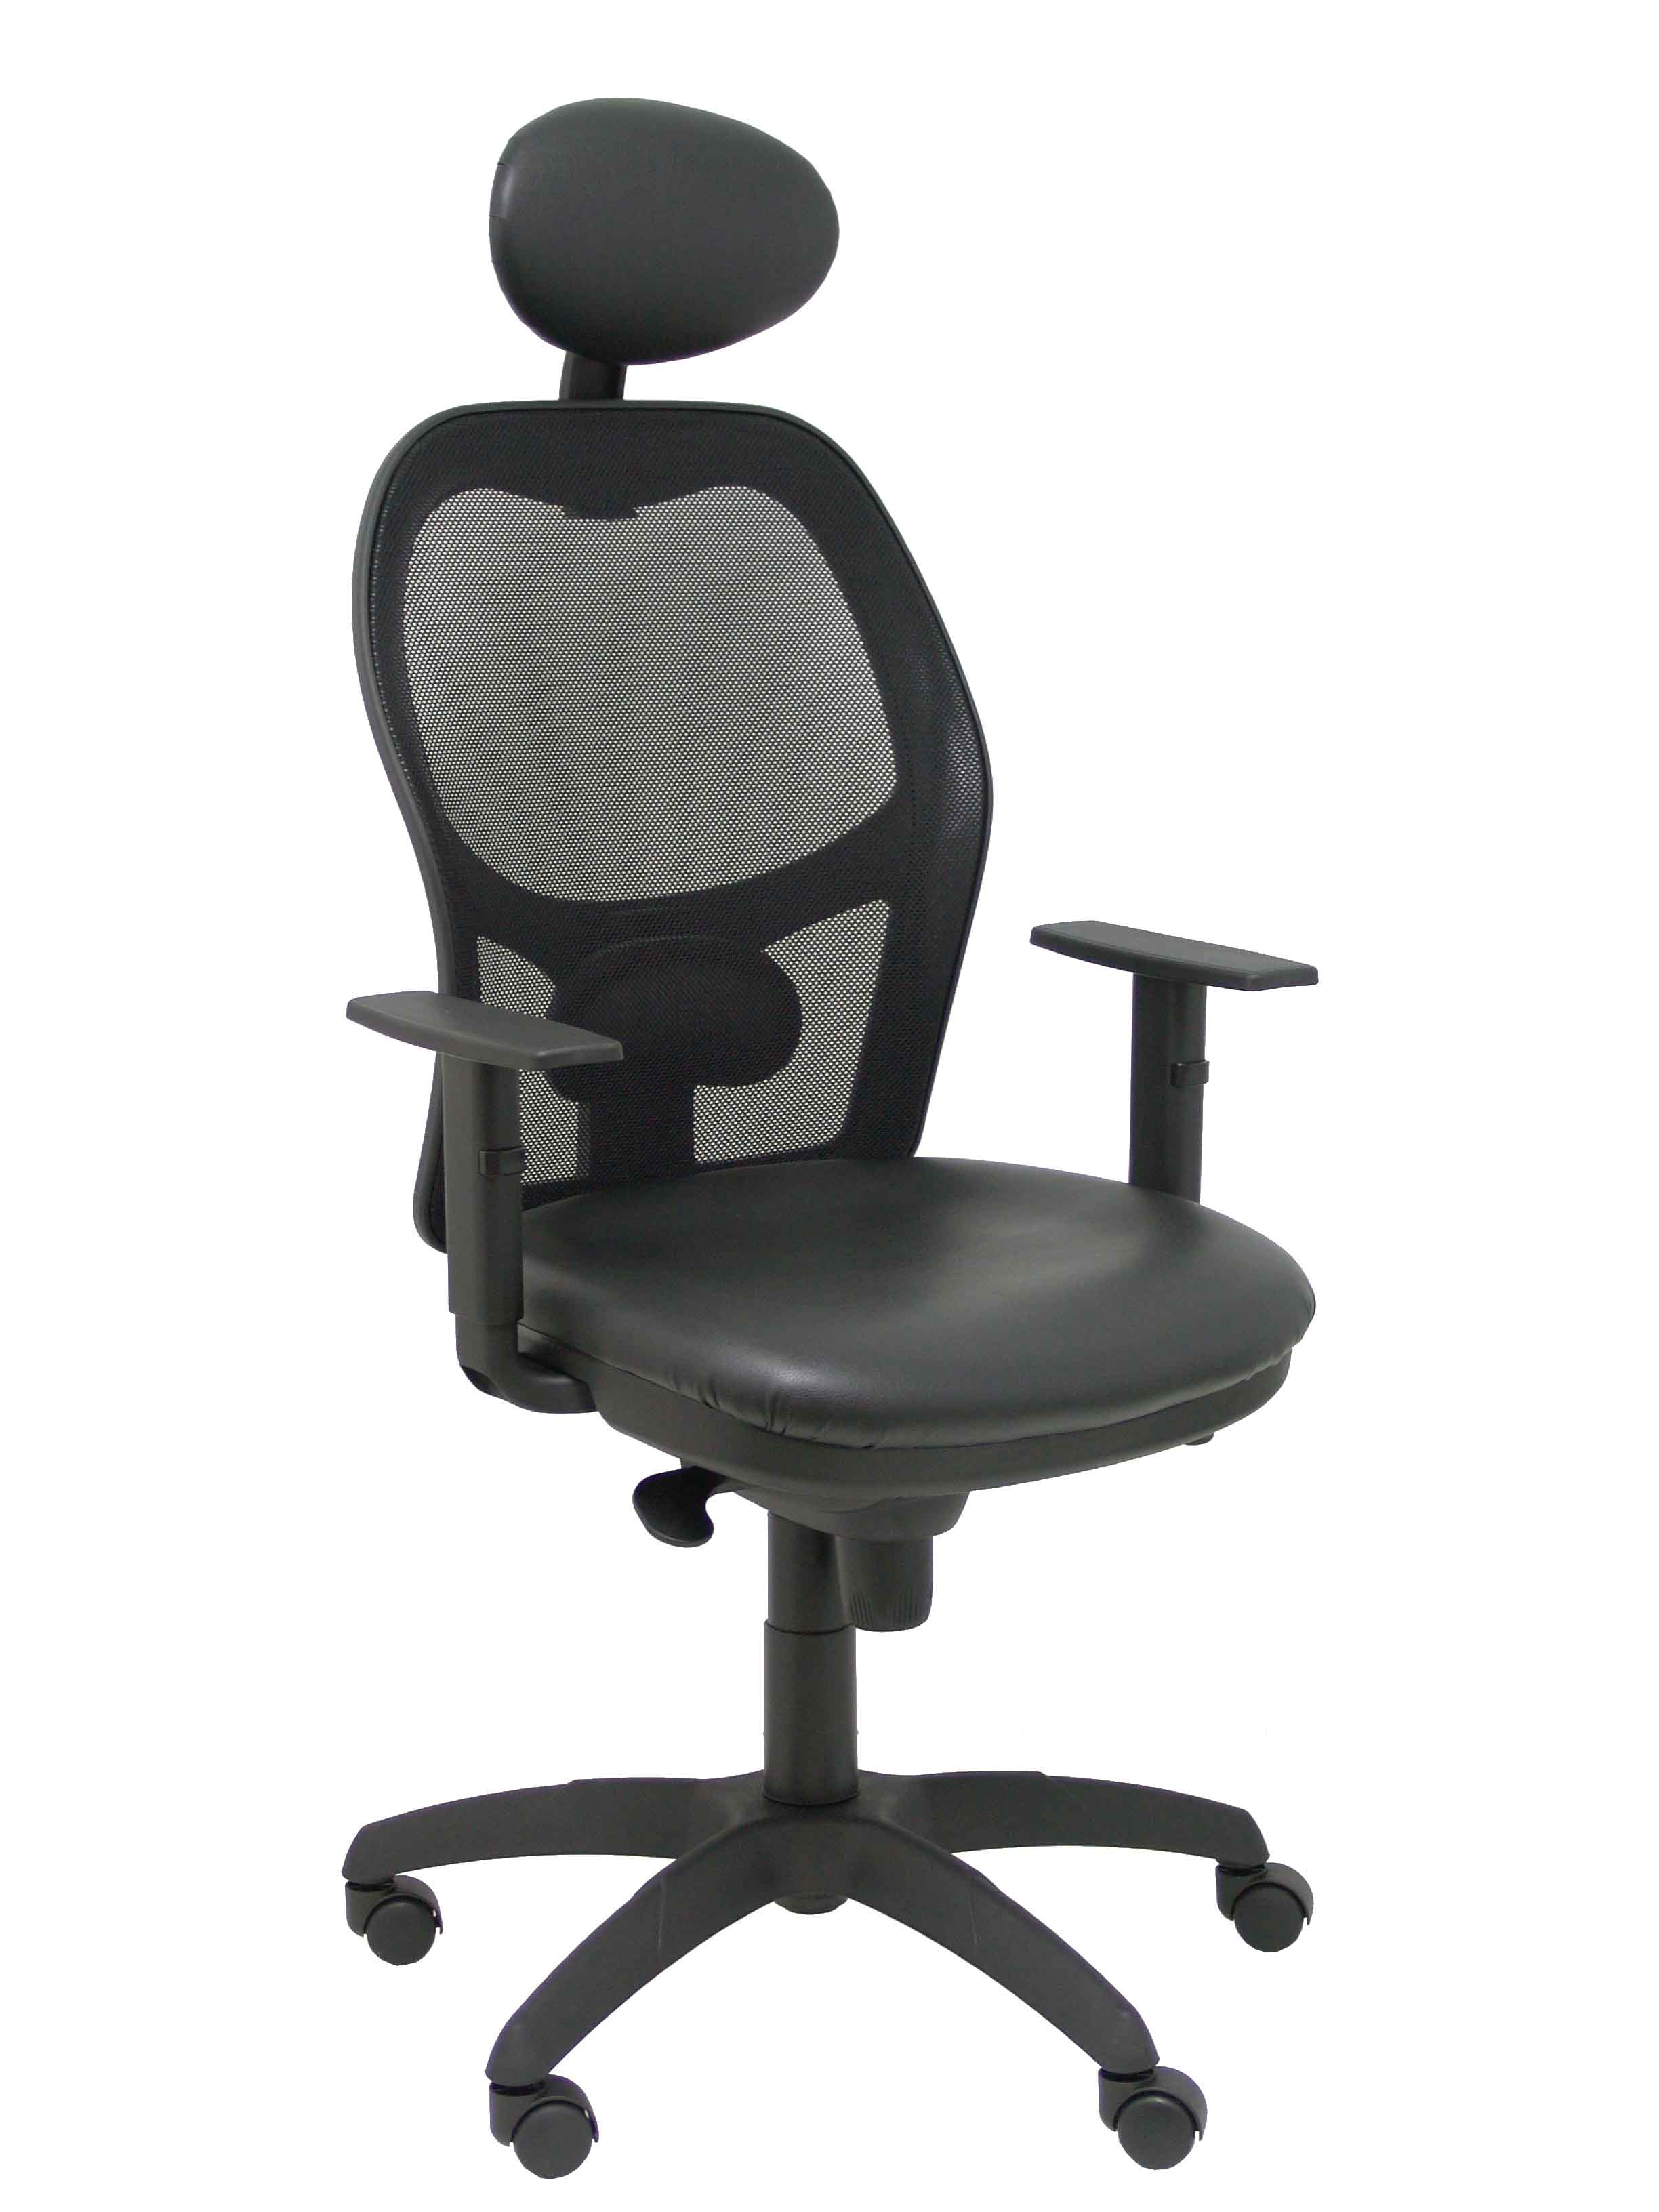 Silla Jorquera malla negra asiento similpiel negro con cabecero fijo